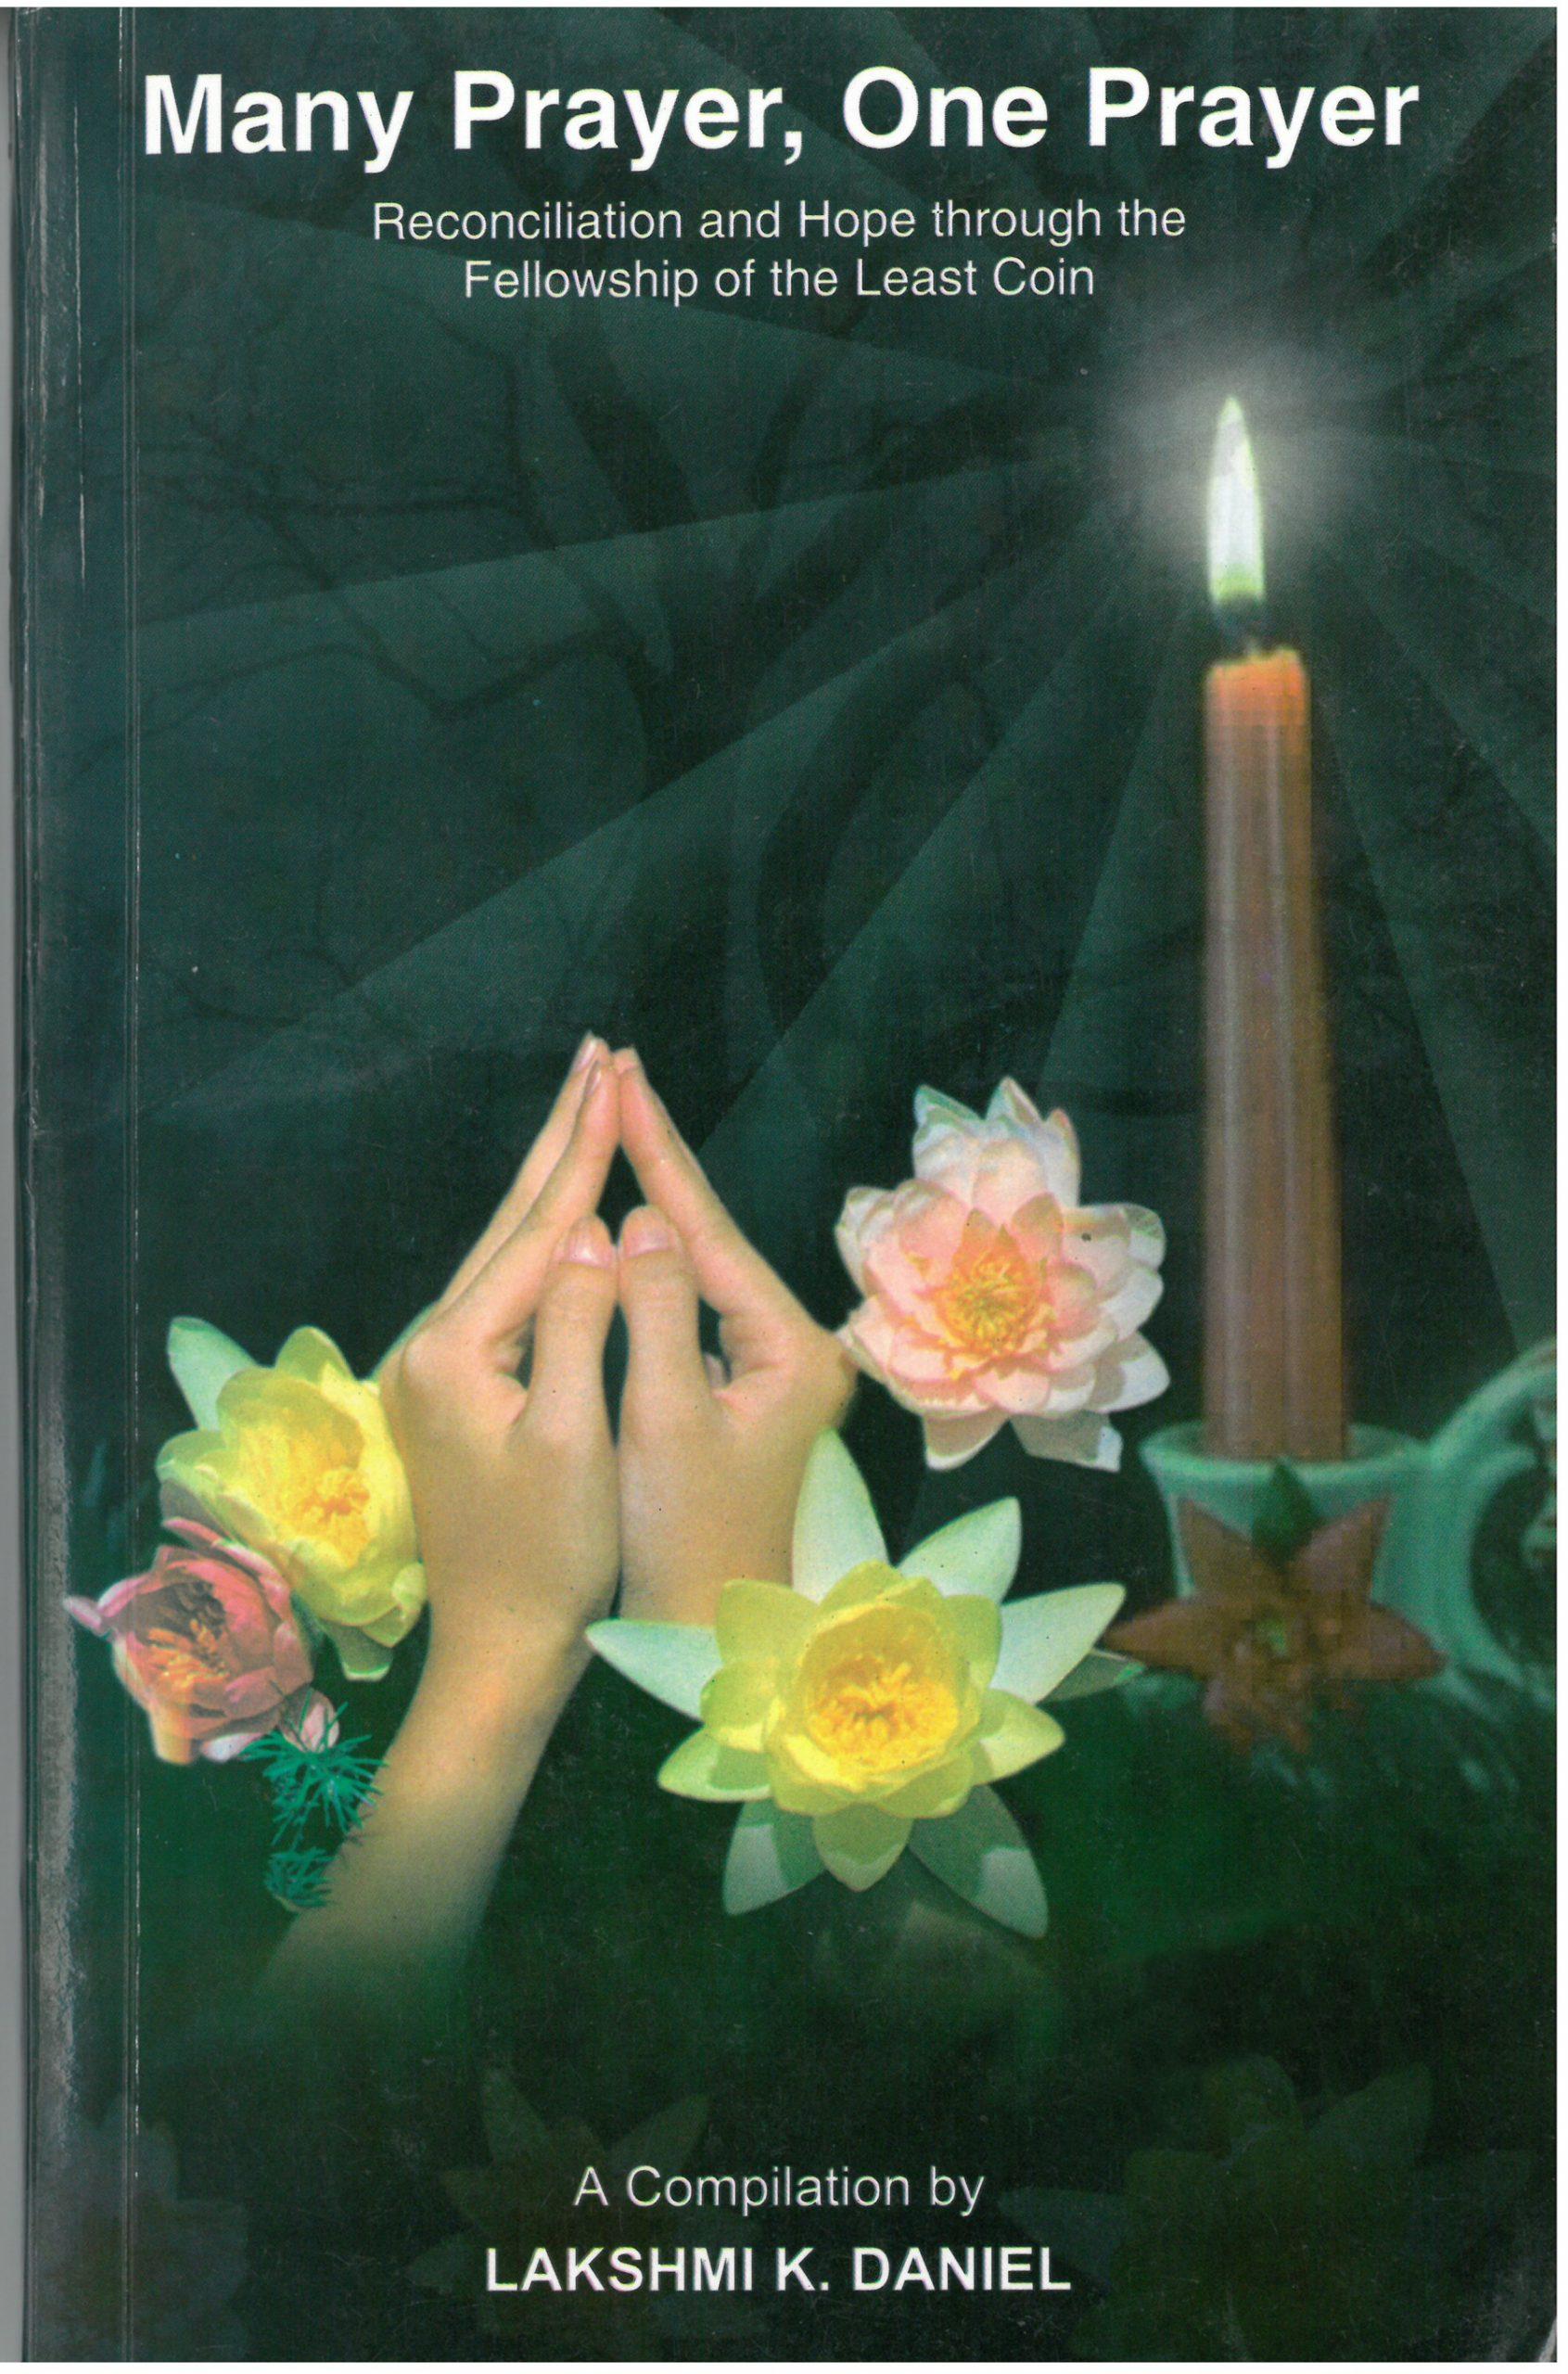 Many Prayer, One Prayer